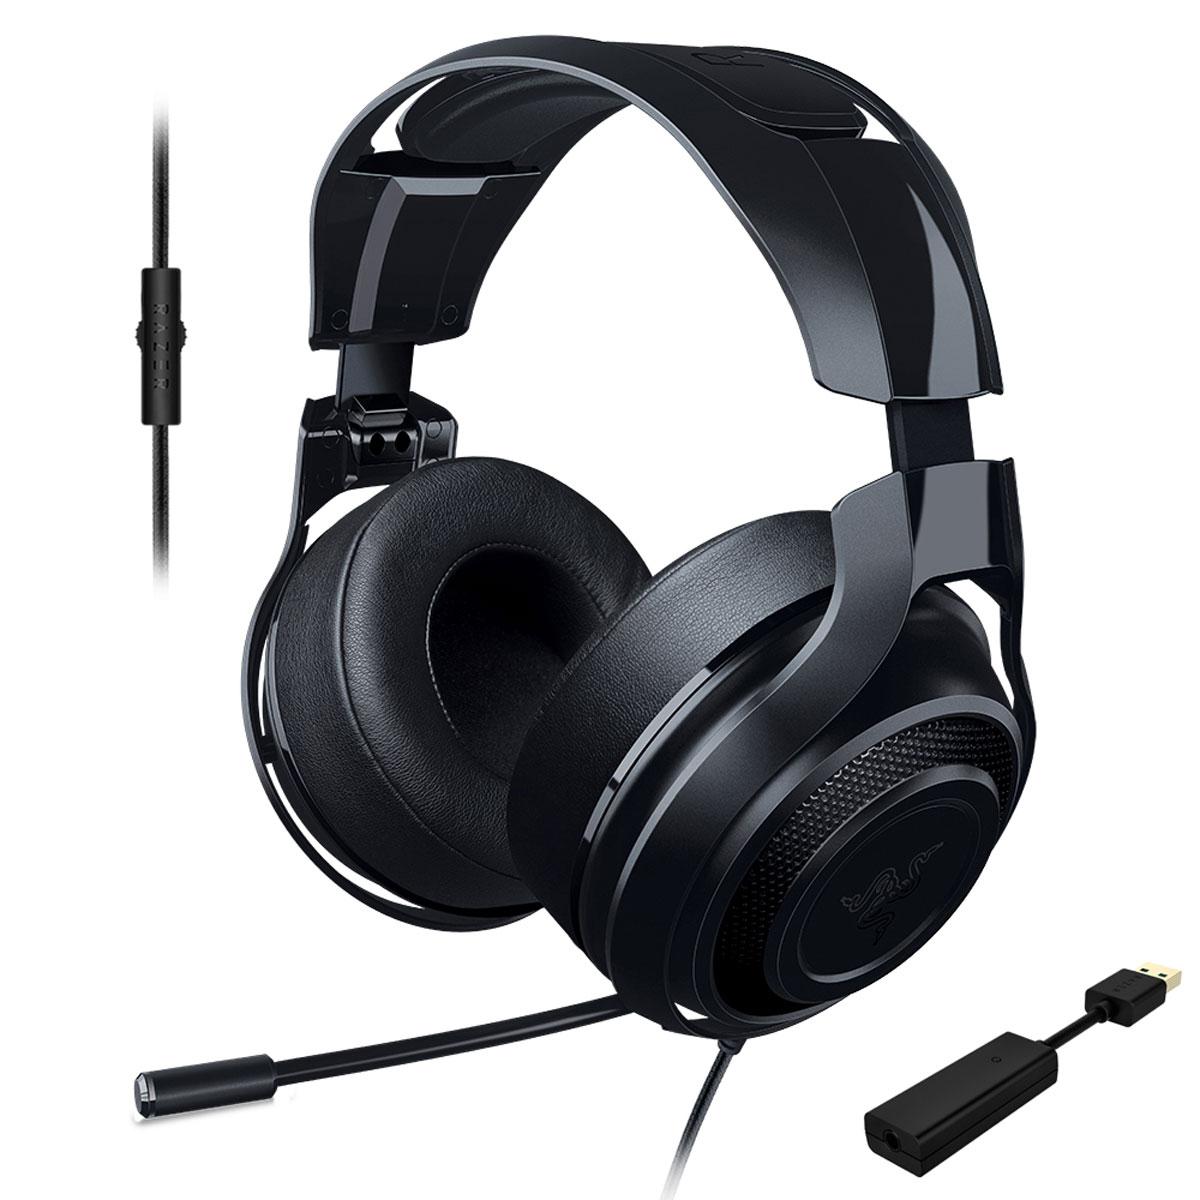 Razer ManO'War 7.1, Black игровые наушникиRZ04-01920200-R3G1Выйти на новый уровень звучания вам позволит игровая гарнитура Razer ManOWar 7.1. Благодаря современной системе виртуального объемного звука формата 7.1 и мягким, большим амбушюрам с хорошей шумоизоляцией вы словно оказываетесь в самом центре событий. Увеличенные динамики превосходного качества обеспечивают бесспорную реалистичность звукового окружения, а выдвижной микрофон позволяет с комфортом руководить победным наступлением. Заручитесь преимуществом абсолютного погружения в игру, которое дает вам Razer ManOWar 7.1, и наслаждайтесь торжеством победы в каждой битве. Гарнитура Razer ManOWar 7.1 оснащена запатентованной системой формирования виртуального объемного звука в формате 7.1. Система с самого начала разрабатывалась, чтобы дать возможность с головой уйти в игру. Специальный USB-адаптер обрабатывает аудио с минимальной задержкой и модулирует источник звука, формируя впечатляющее, реалистичное звуковое окружение. Гарнитура...